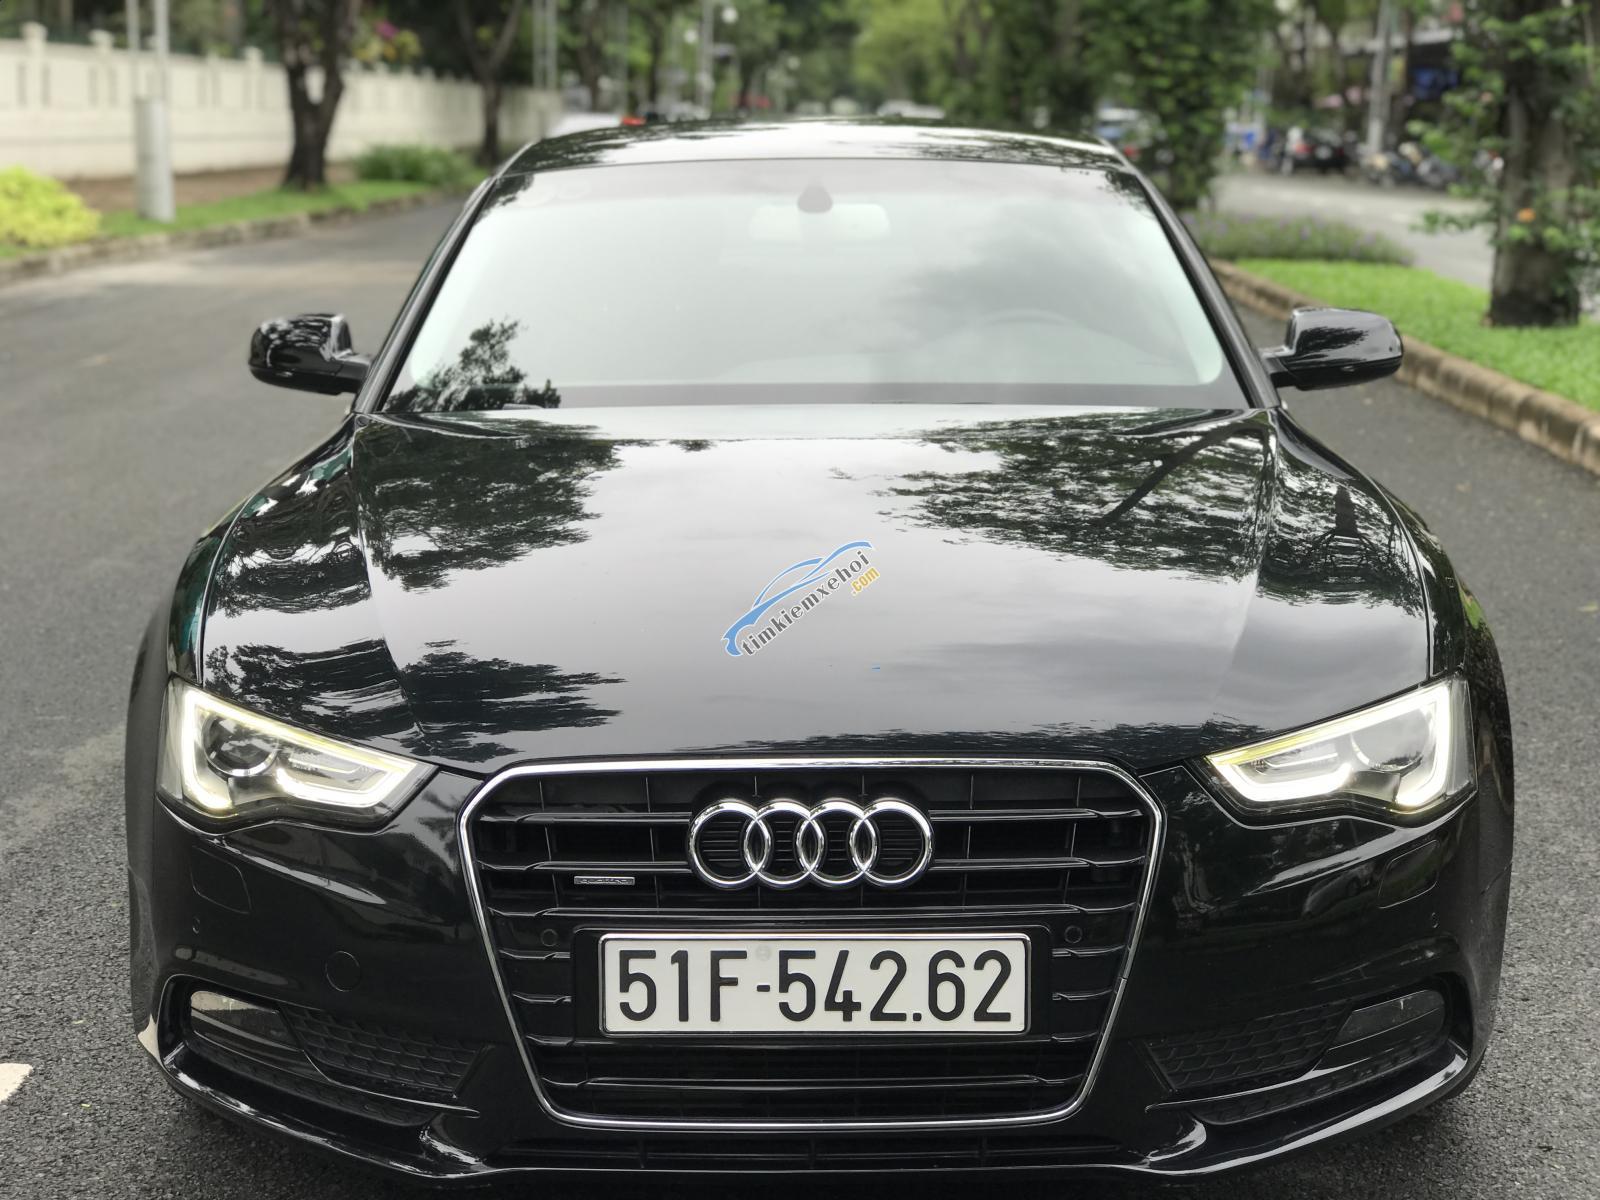 Bán Audi A5 Sportback đời 2016 chính chủ